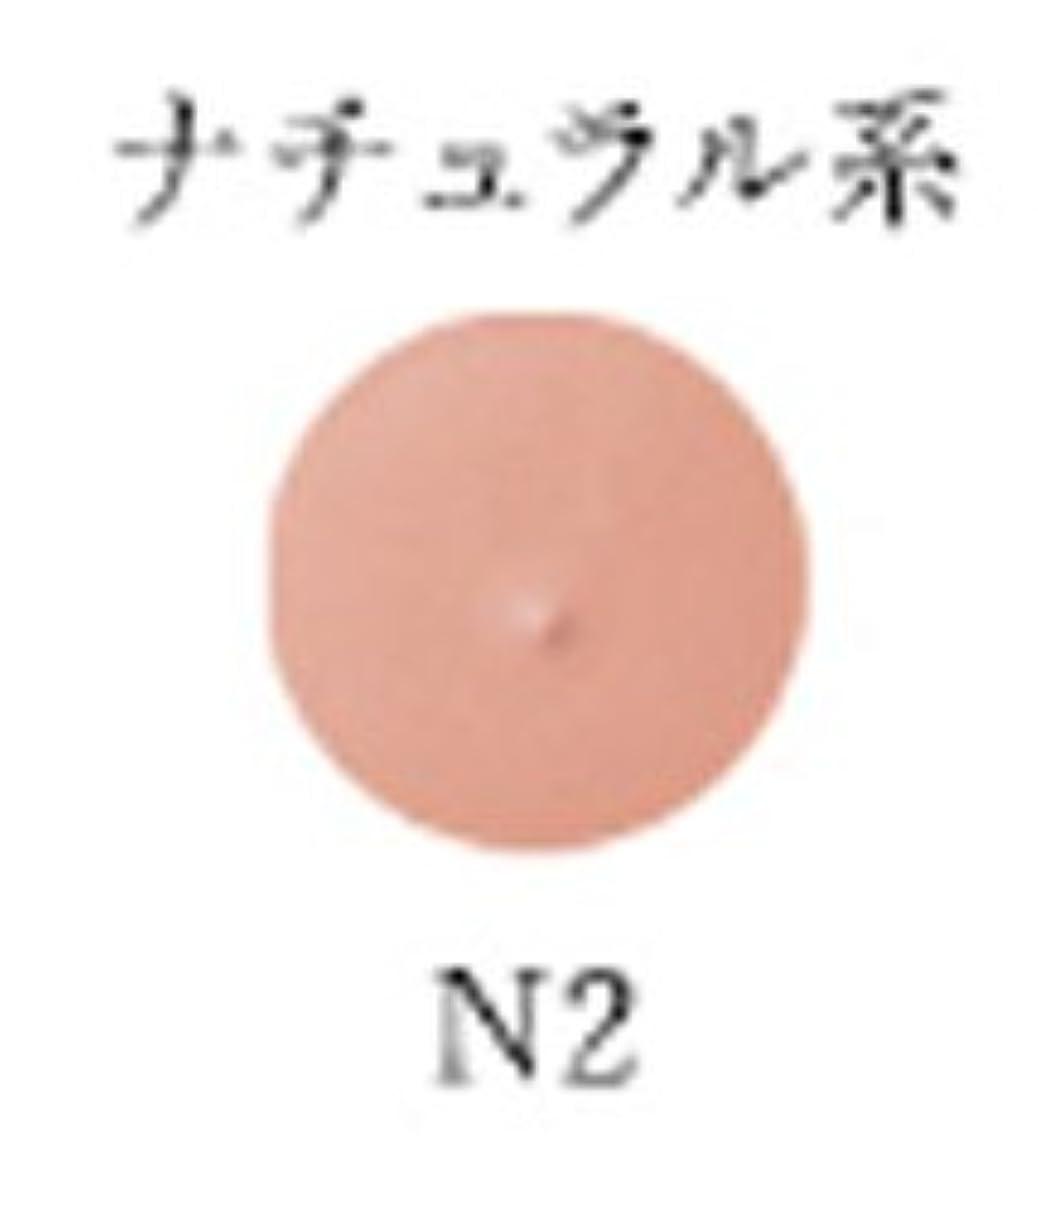 フライト味付けにやにやオリリー ナチュラルカバーファンデーション(リフィル)<ケース別売> 《12g》<カラー:N2>